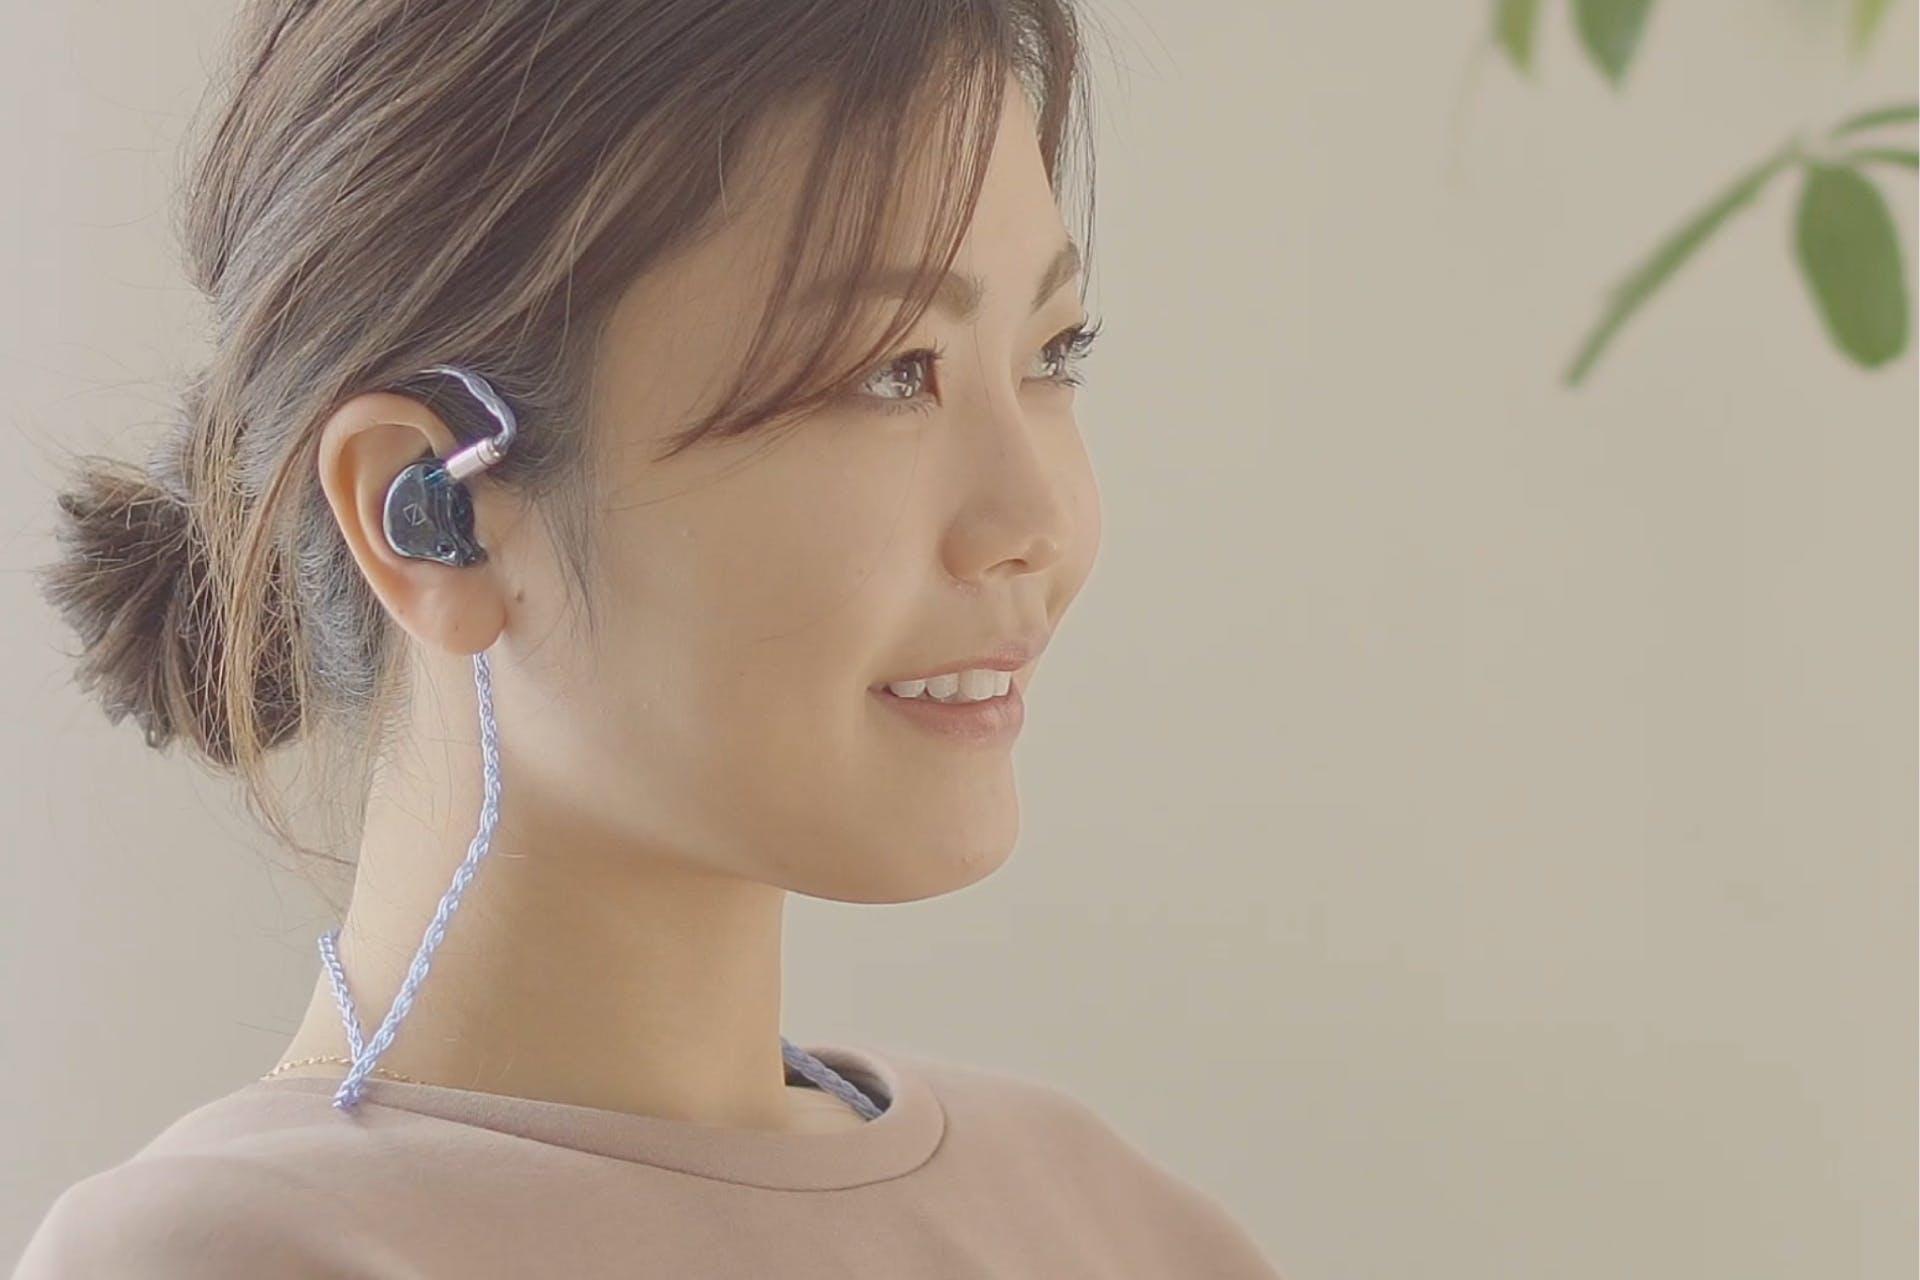 耳型からつくる完全フィット・カスタムイヤホン ear X